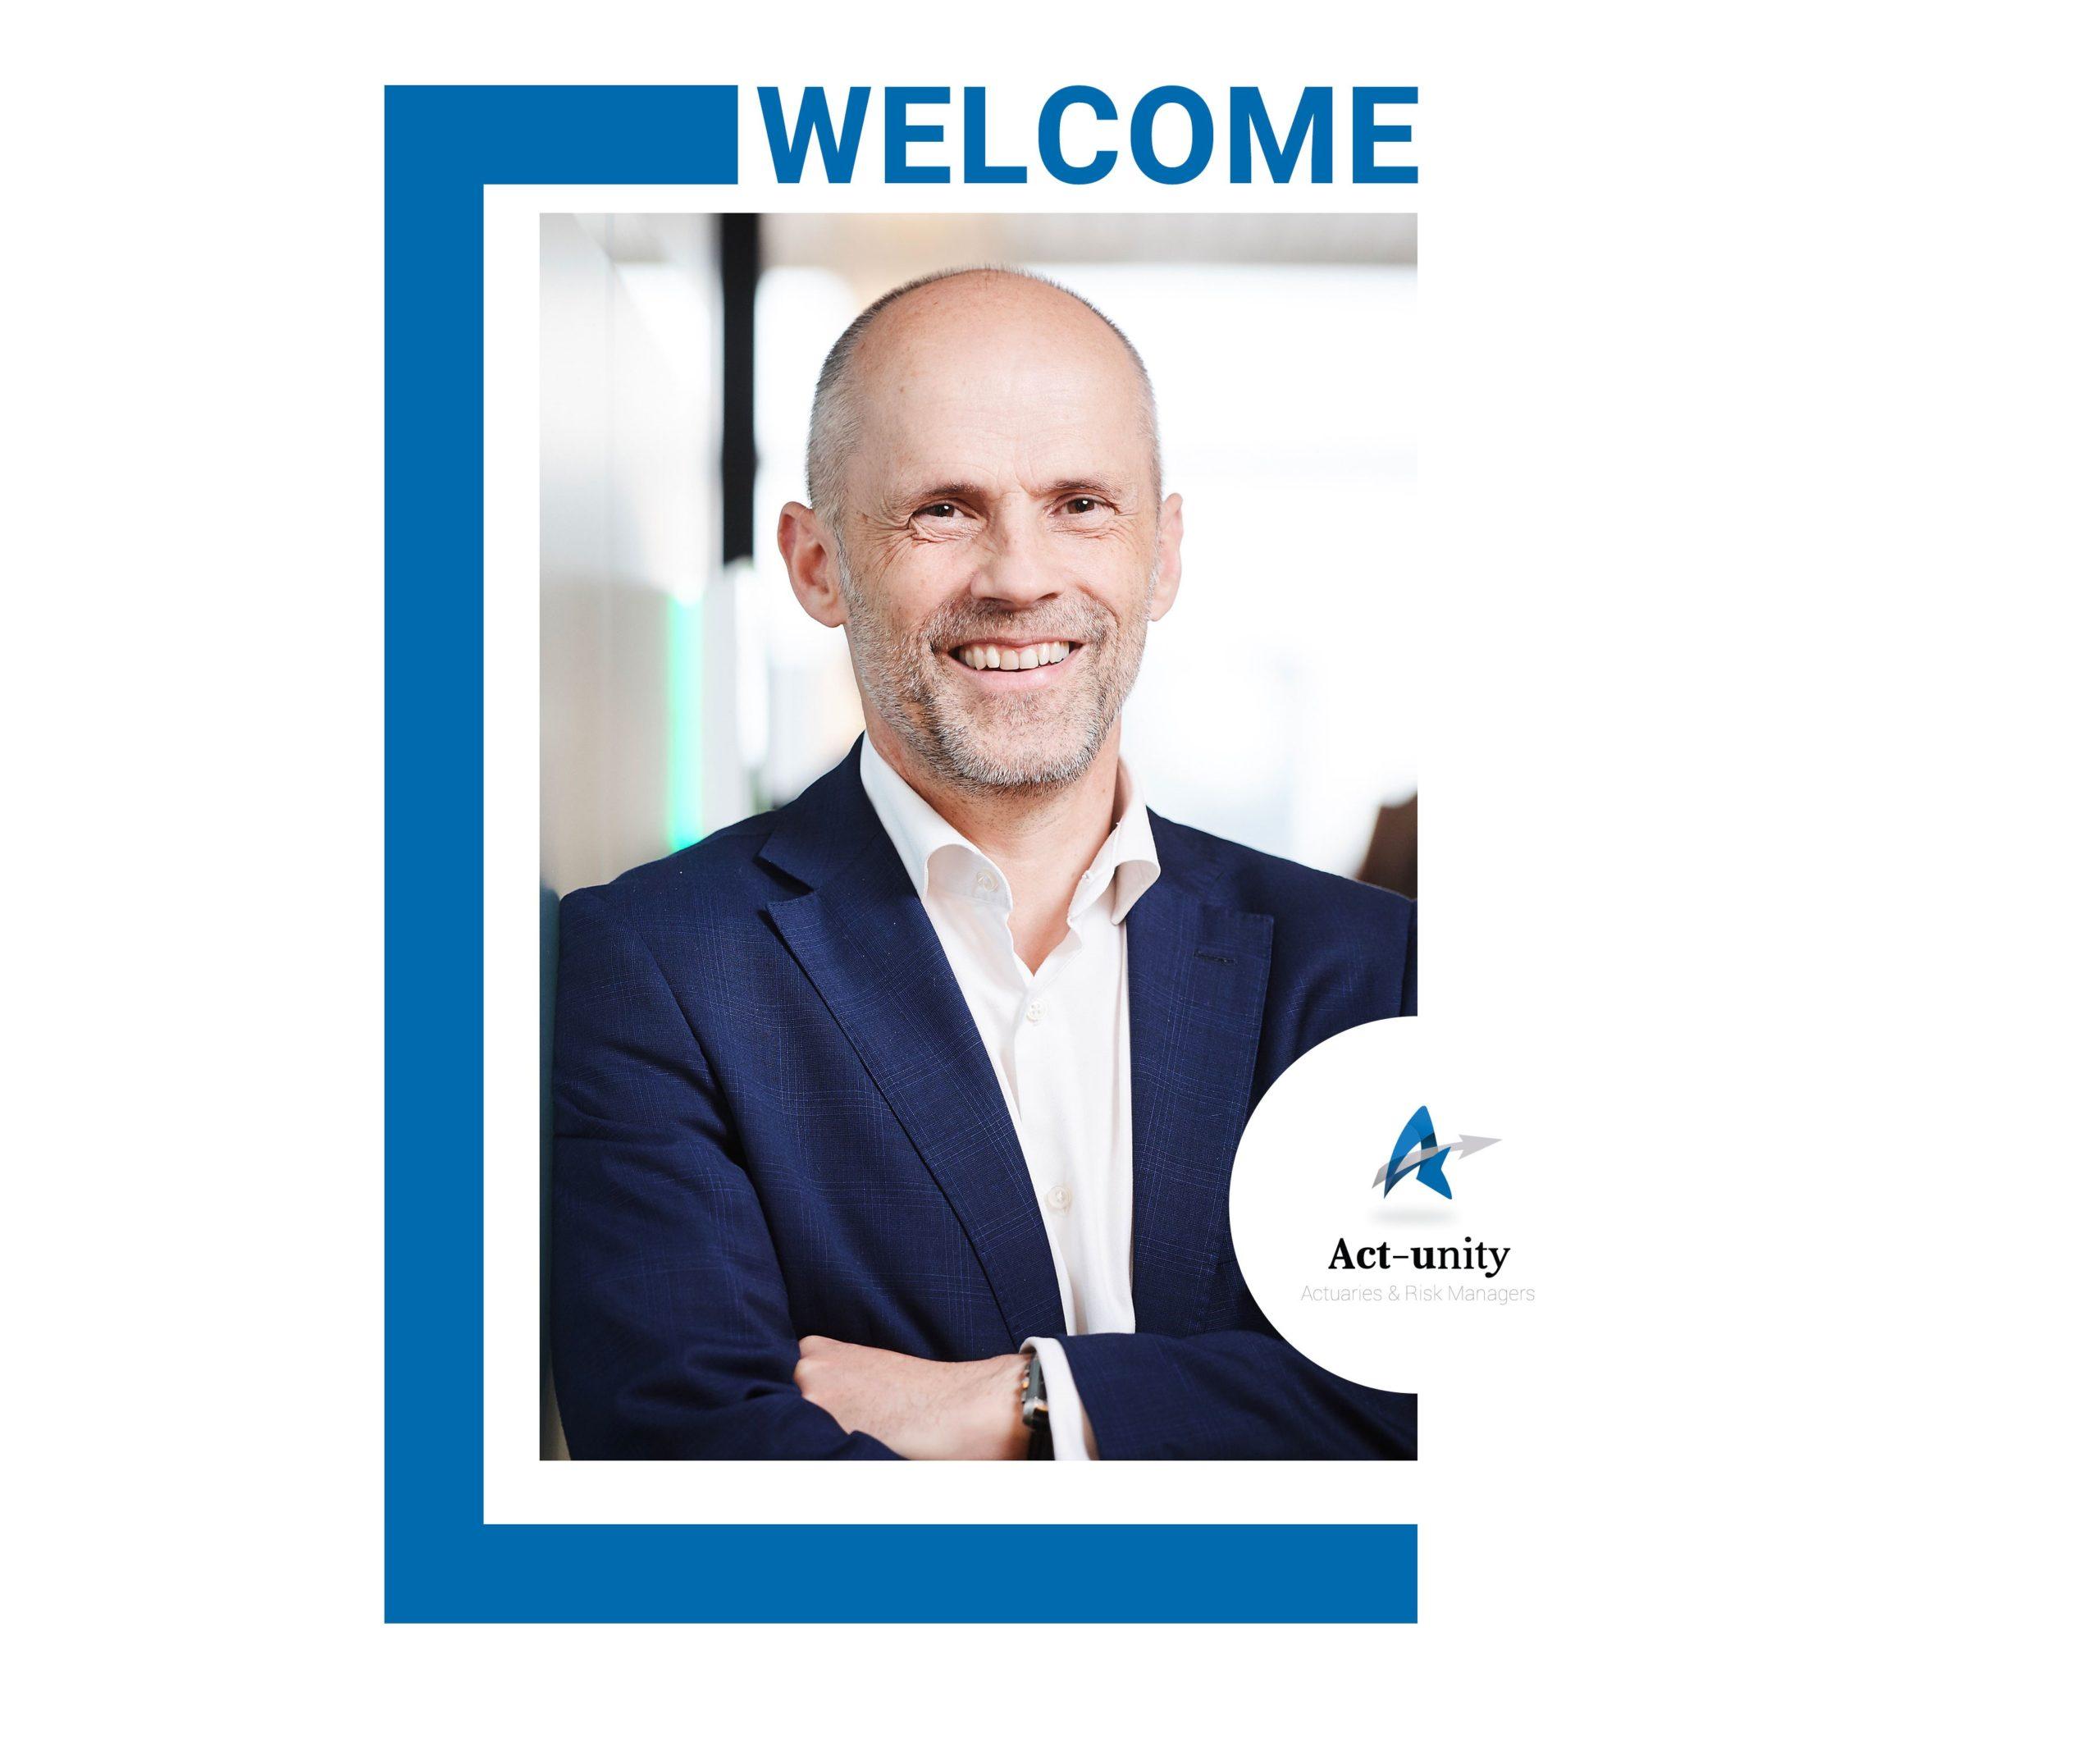 Philippe De Longueville joins Act-unity